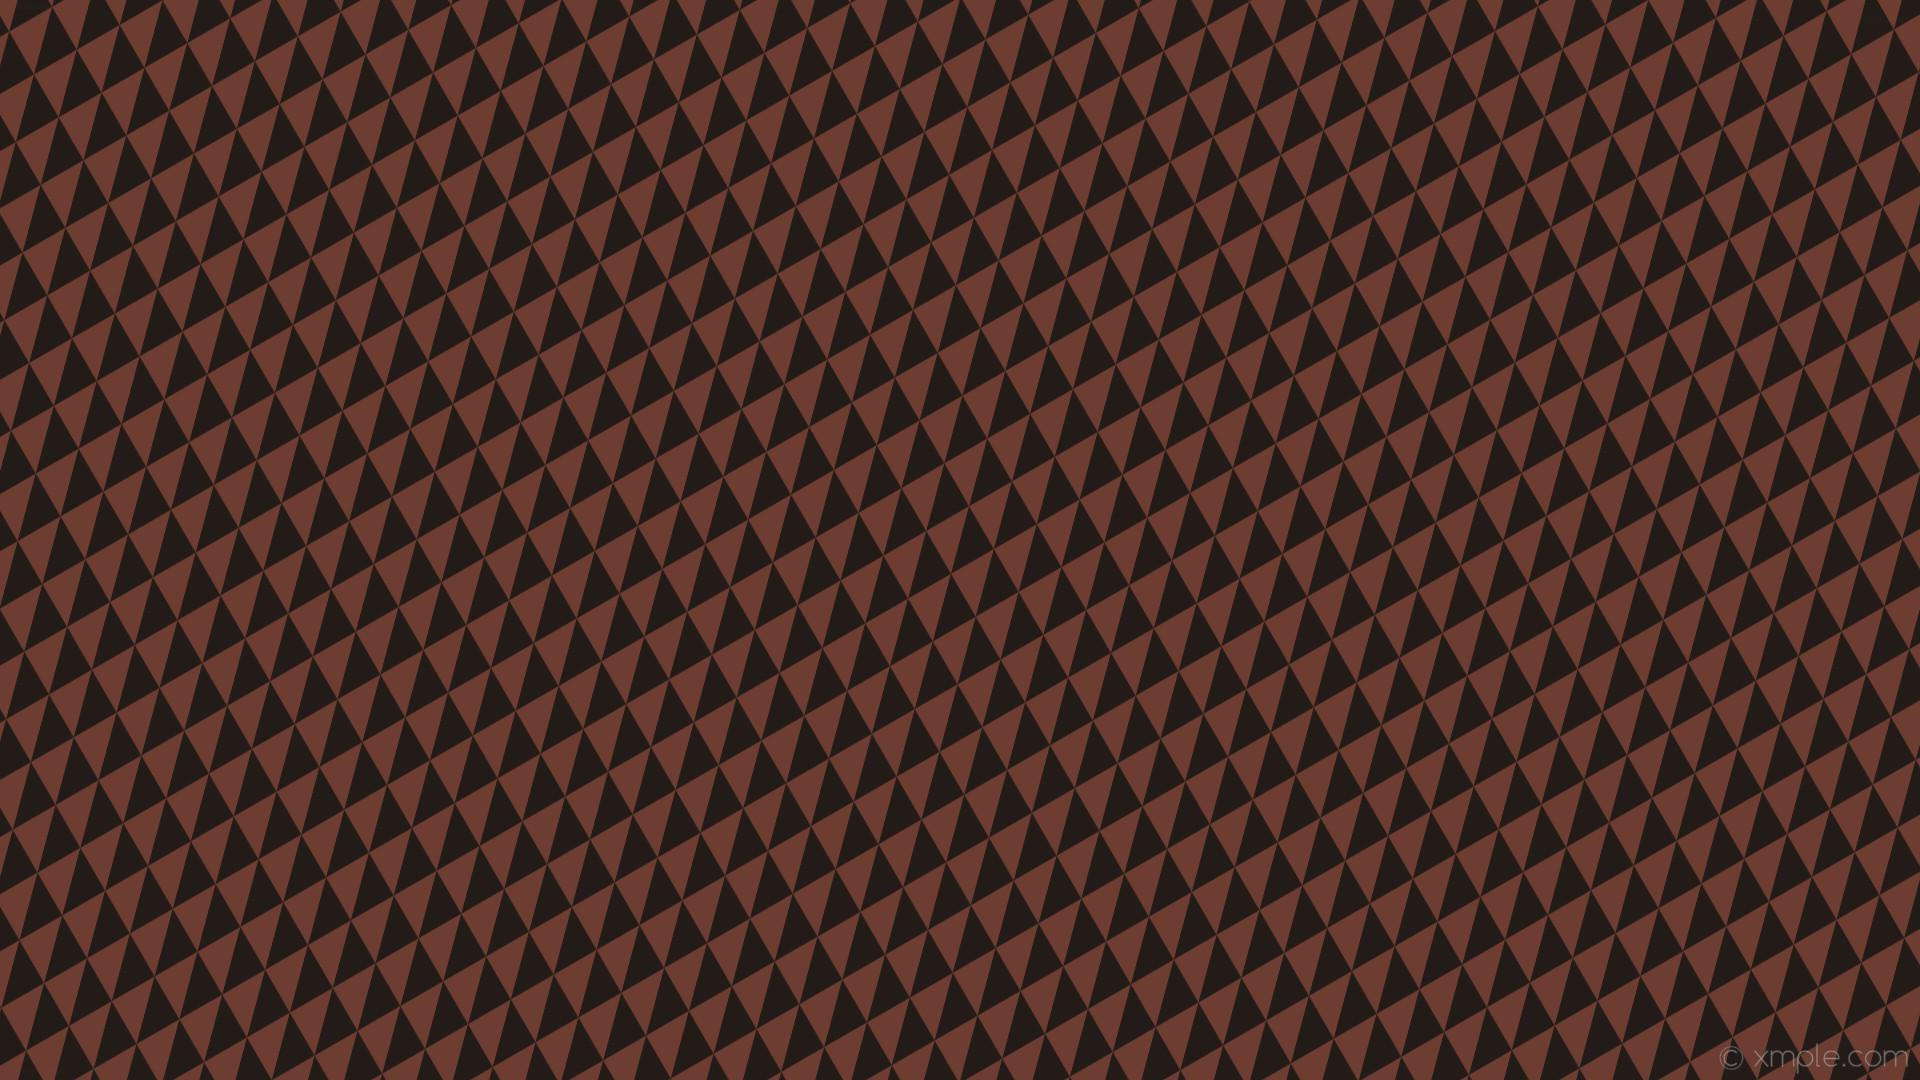 wallpaper red triangle orange dark orange #6c3d30 #231b18 255° 70px 70px